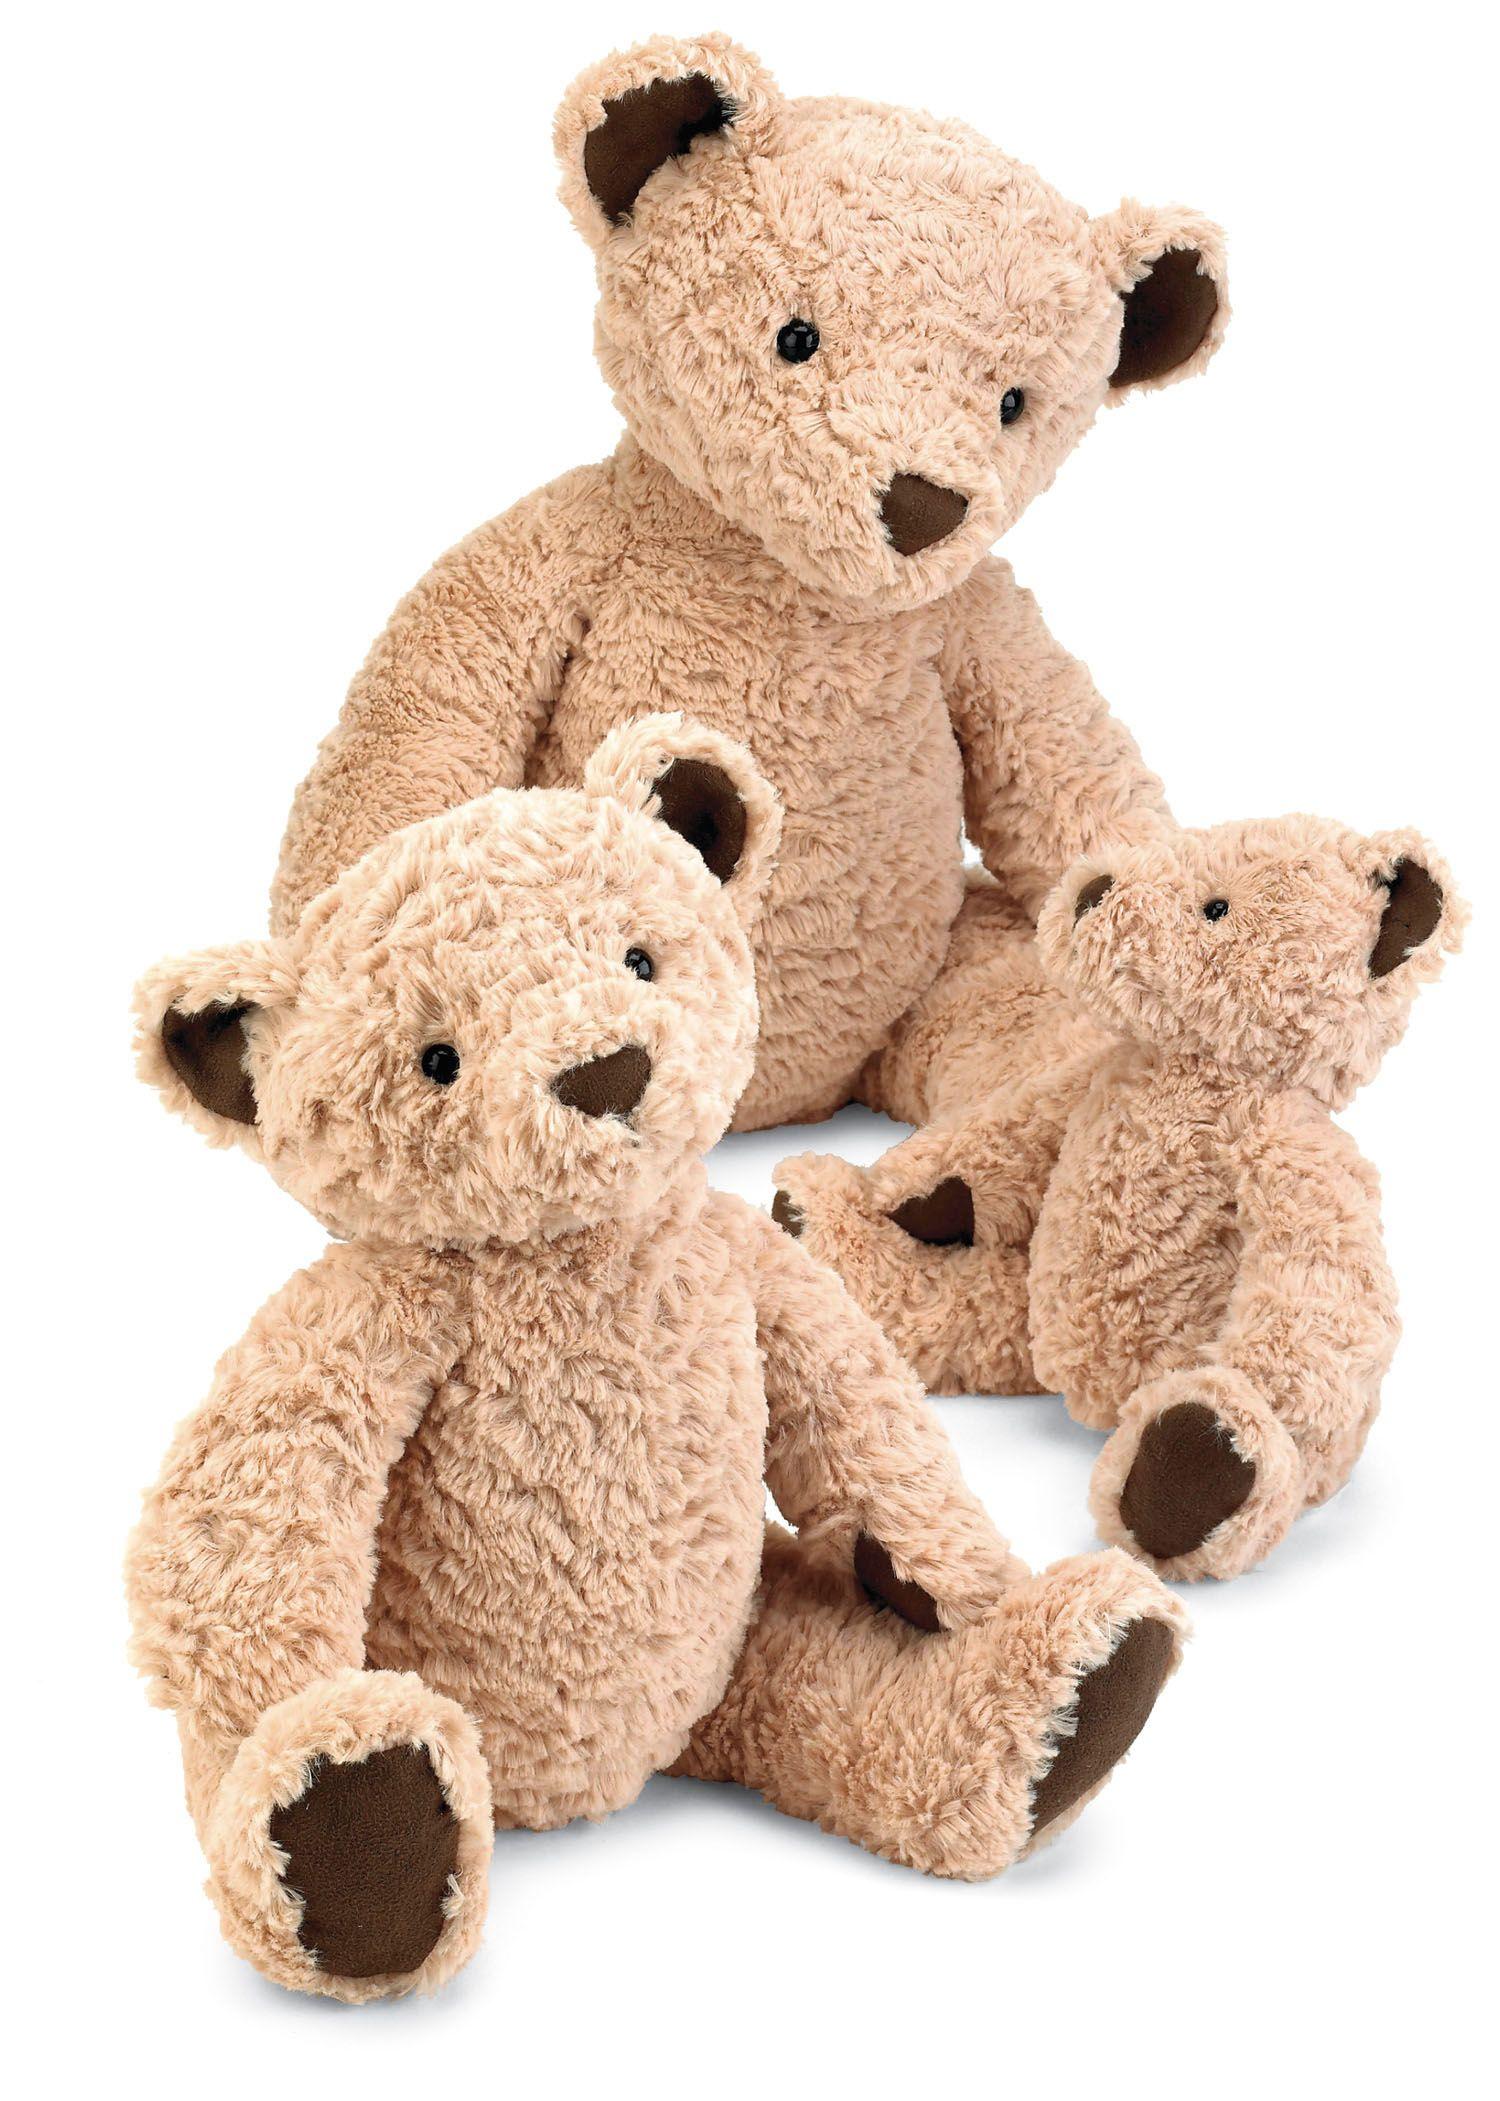 Giant Stuffed Animals Jellycat Edward Bear Large Stuffed